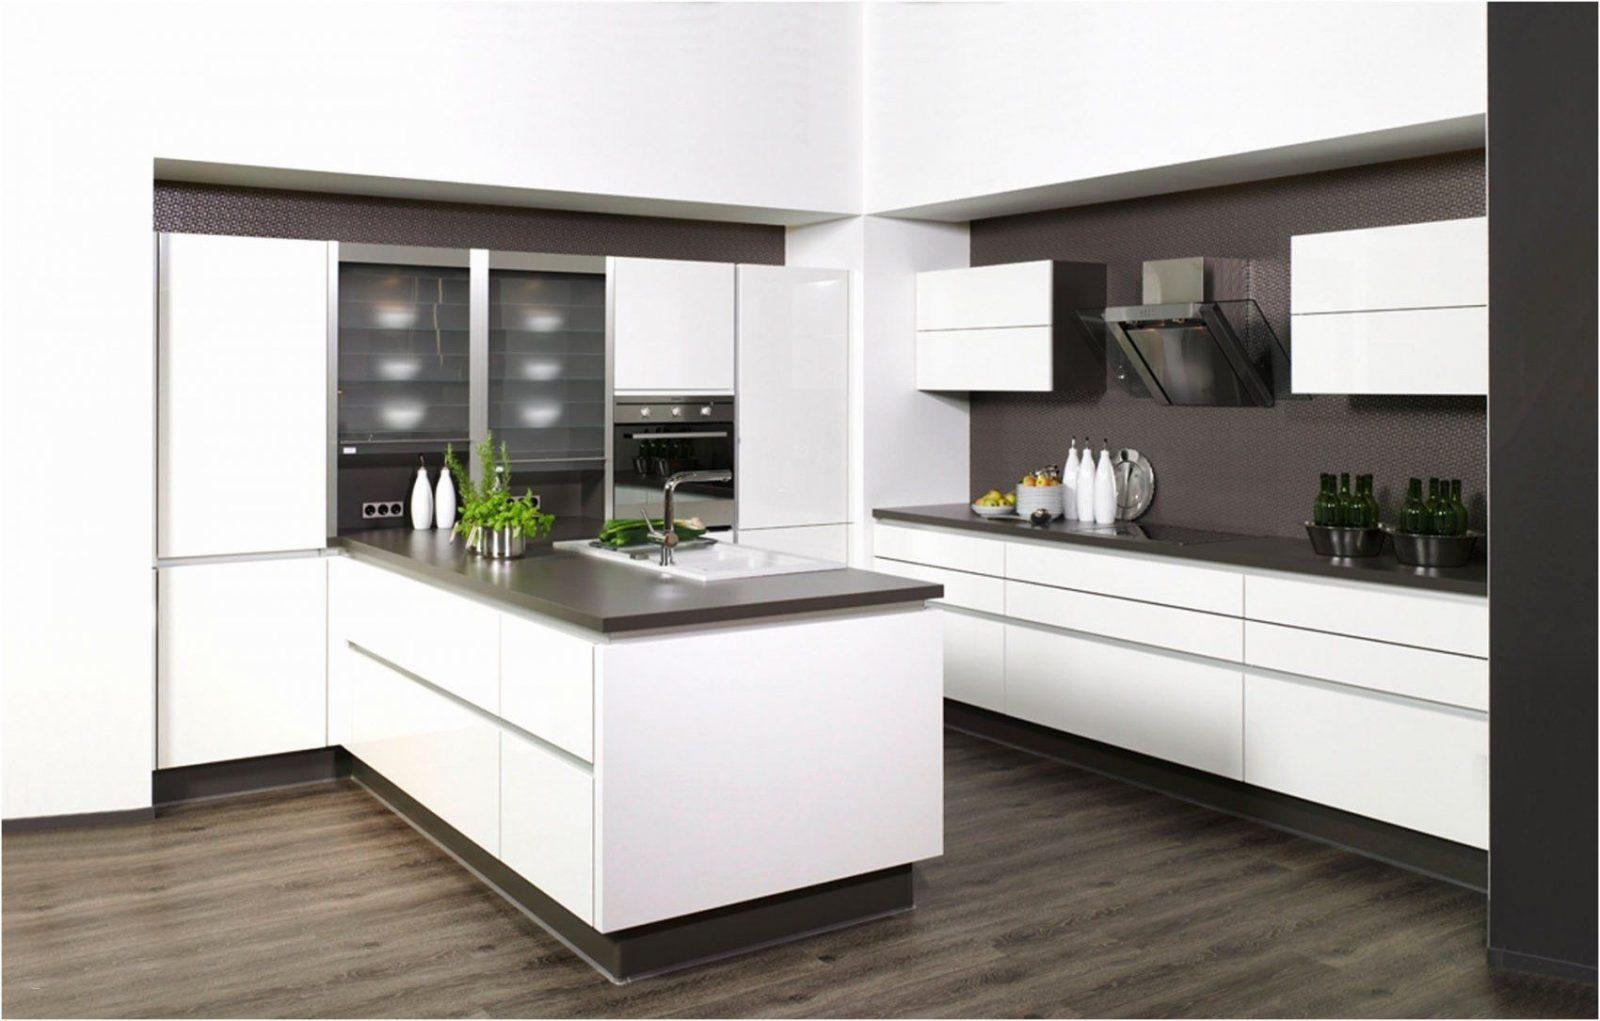 Ikea Küche Mit Kochinsel Großartig Kchen Mit Kochinsel Bilder von Ikea Küche Mit Kochinsel Bild